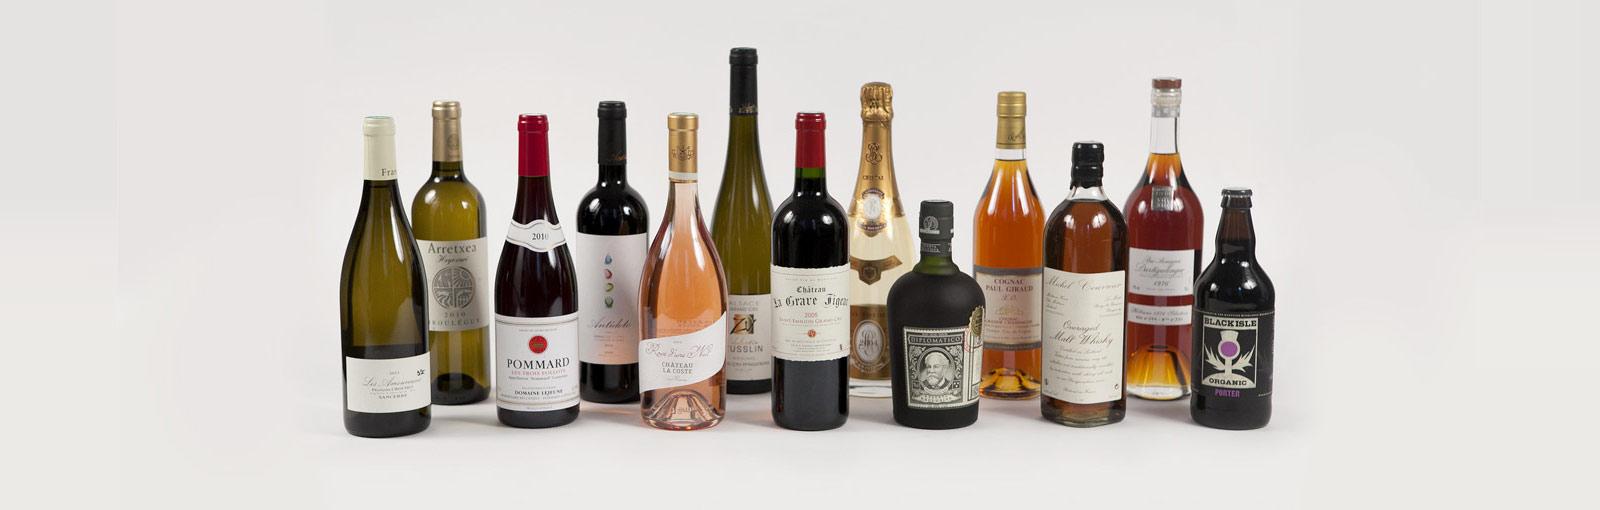 Acheter son vin en ligne, est-ce vraiment une bonne idée ?